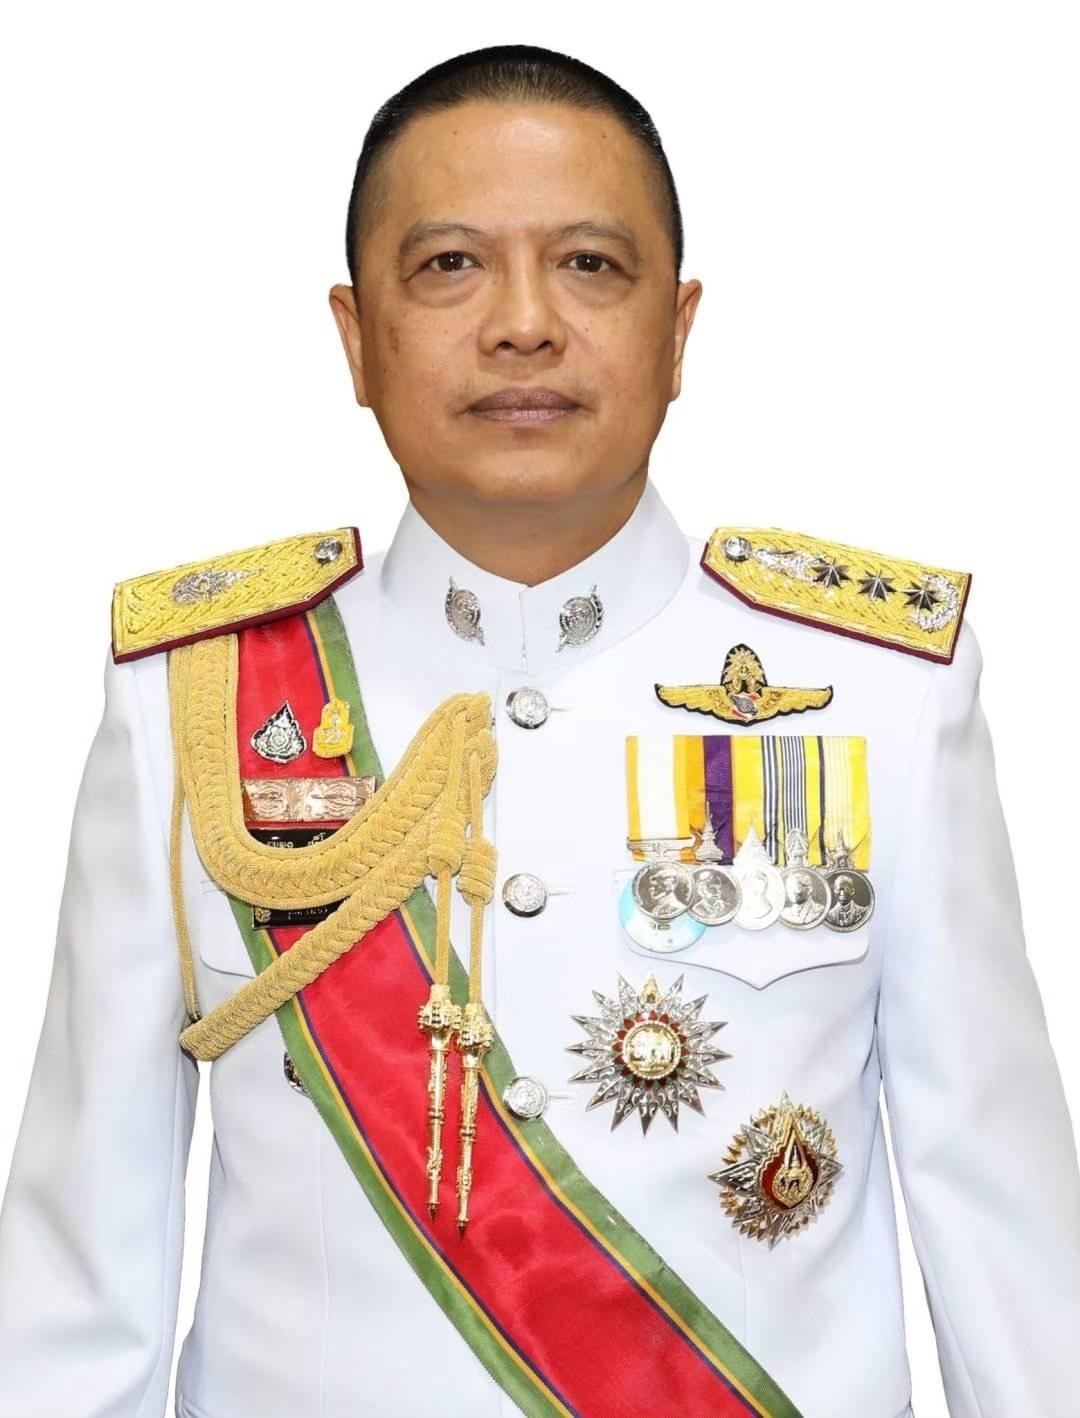 พล.ต.ท.ธนพล ศรีโสภา ผู้บัญชาการตำรวจสันติบาล